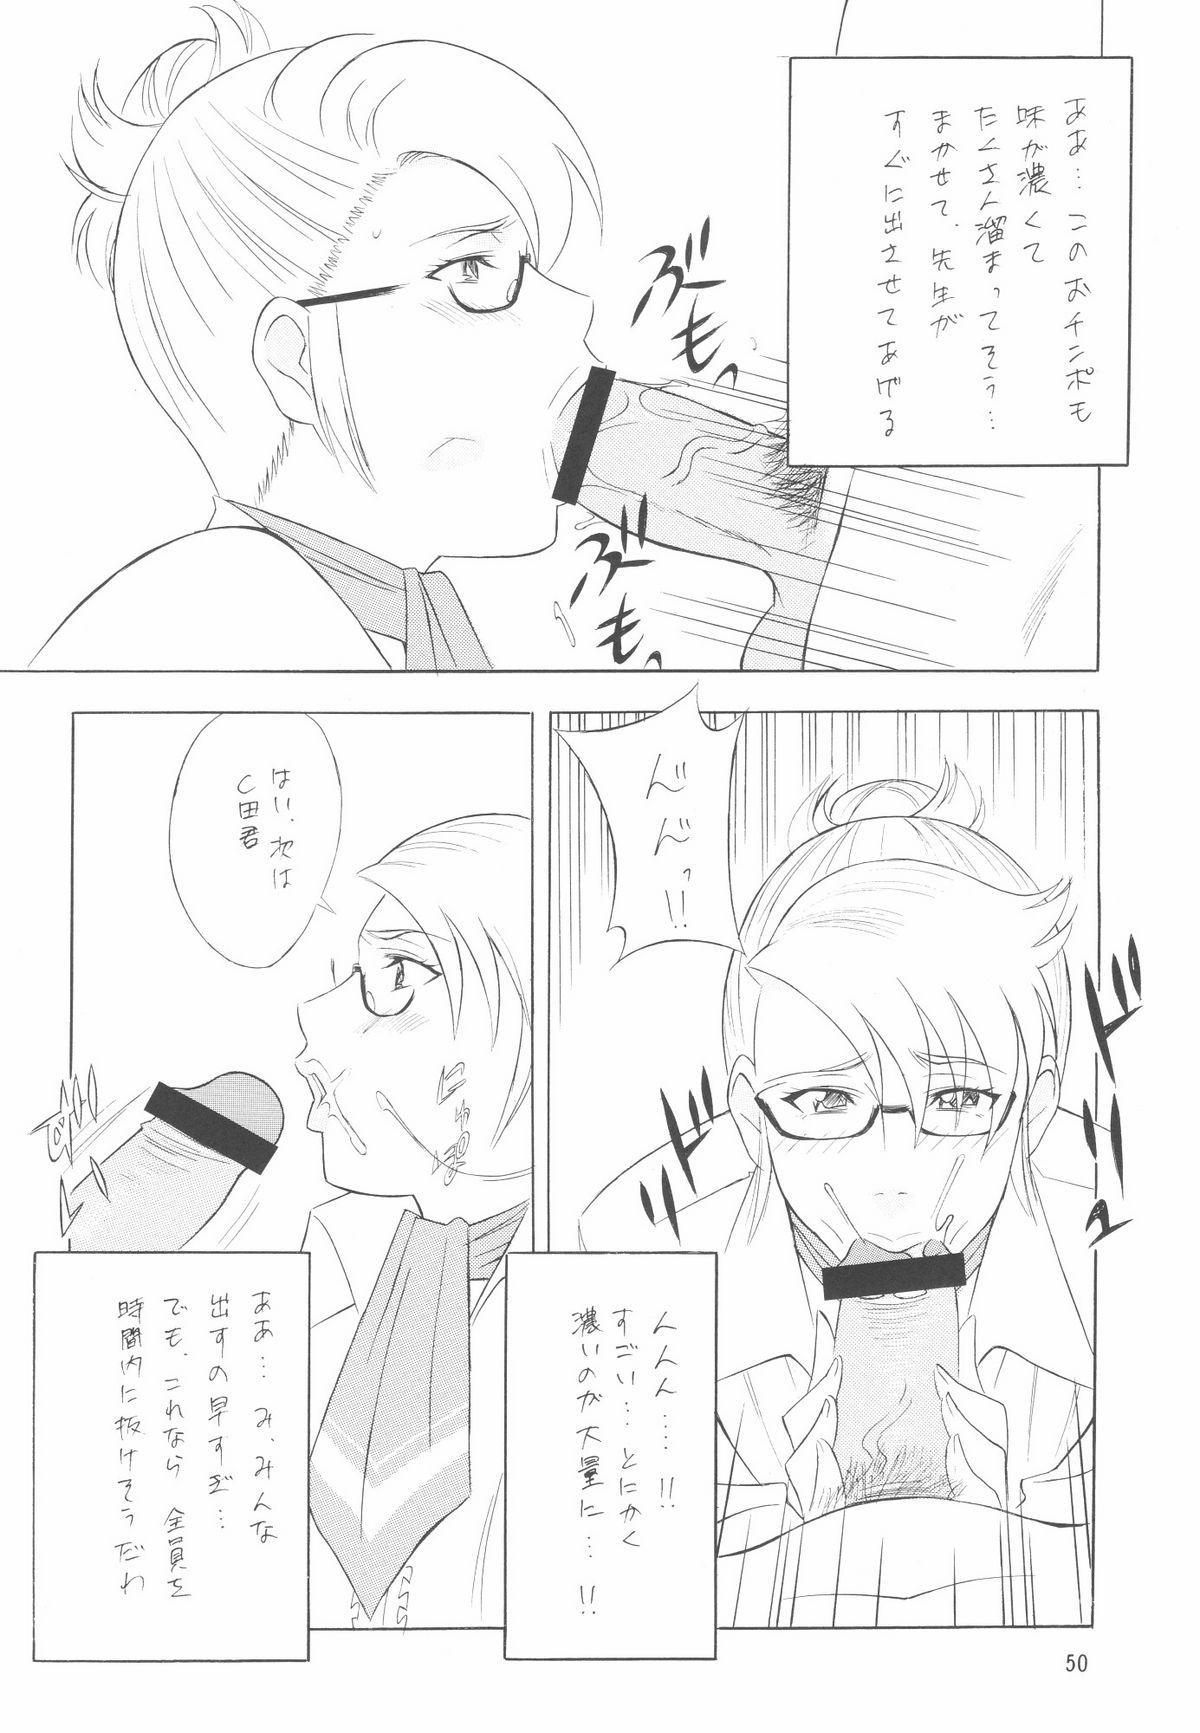 Megane no Sensei ha Suki Desuka? 50